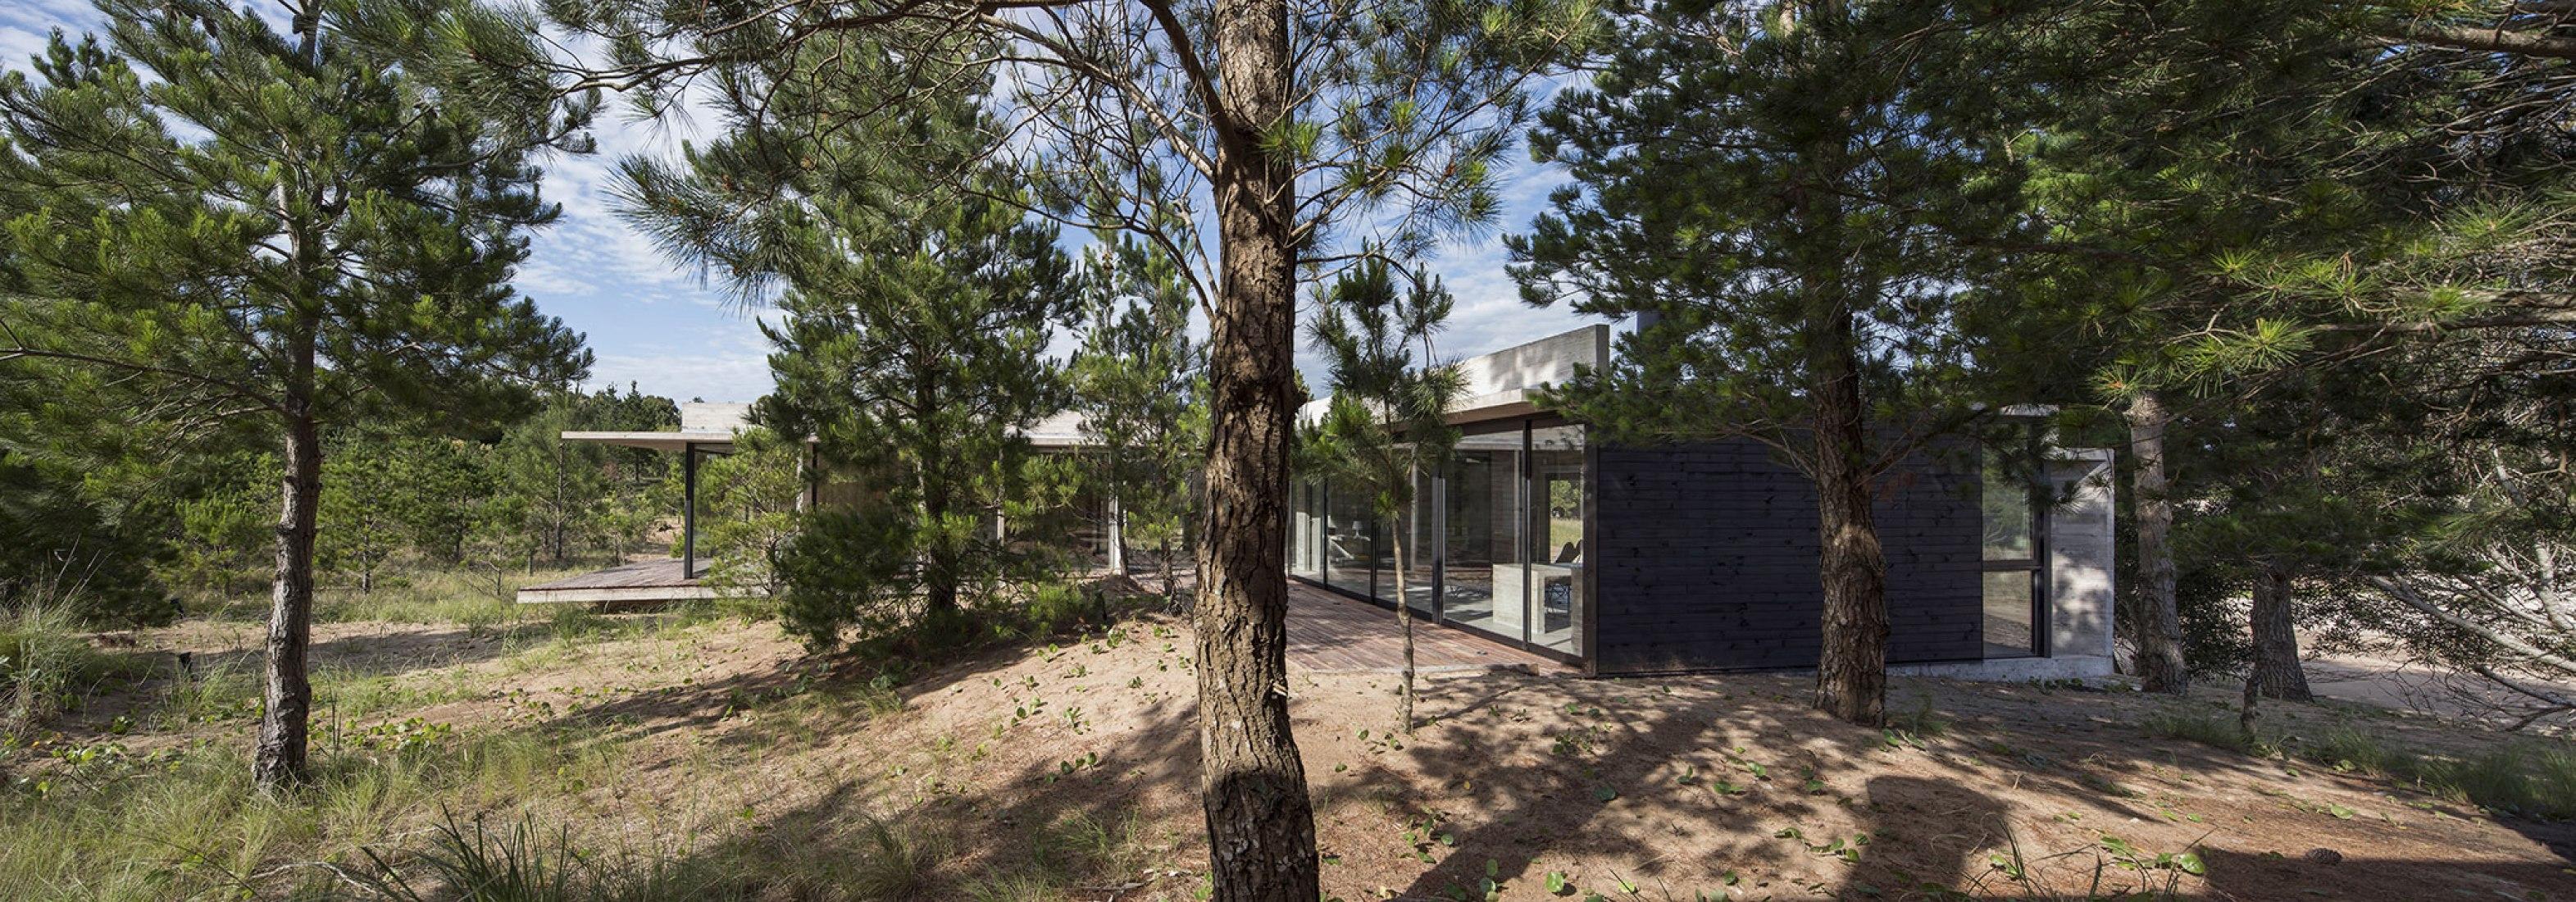 Vista panorámica. Casa Ecuestre por Luciano Kruk arquitectos. Cortesía de Luciano Kruk arquitectos